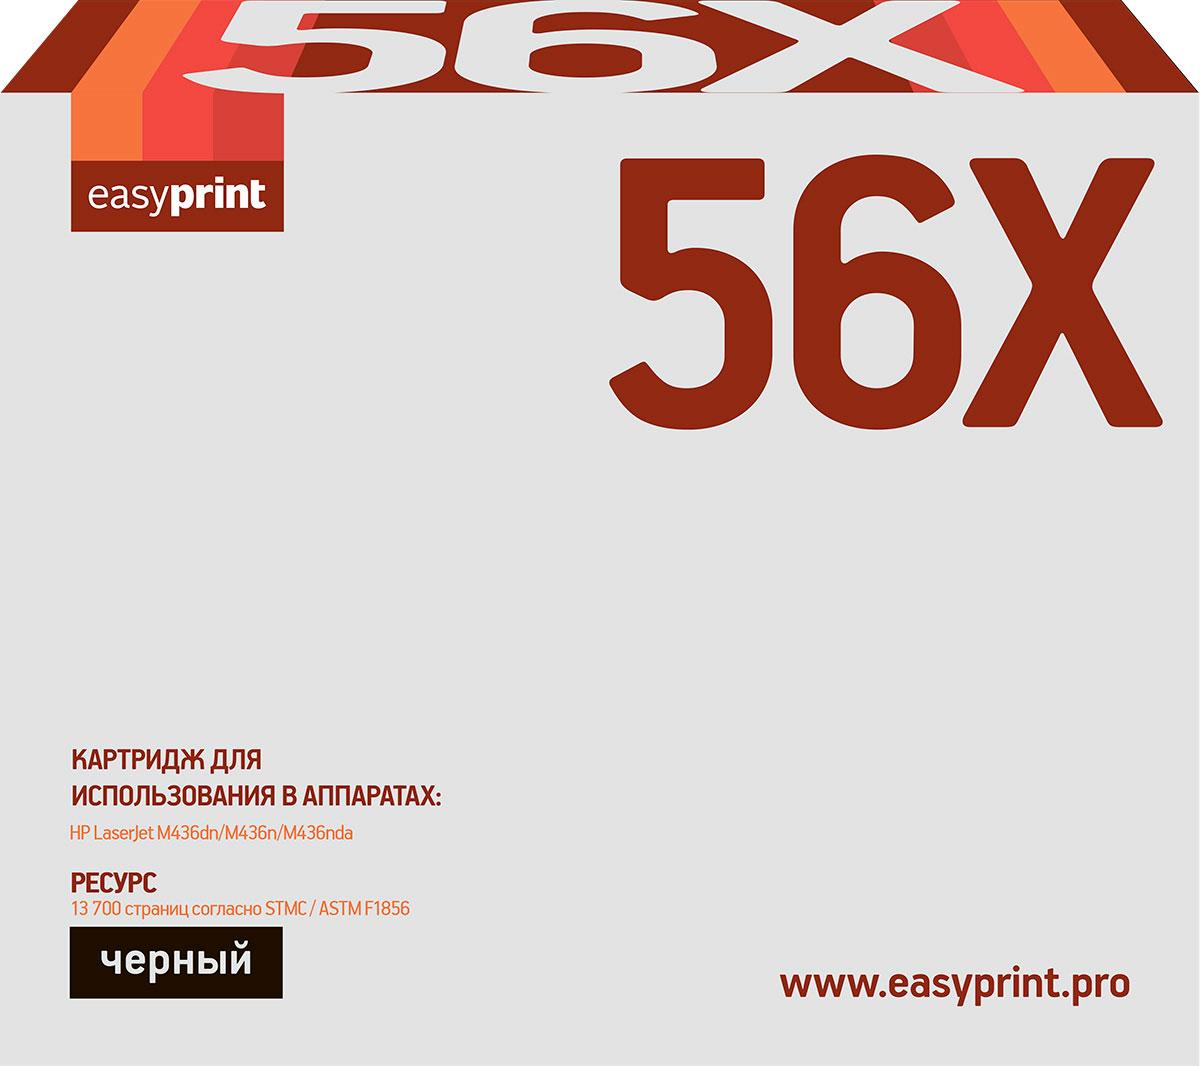 Картридж EasyPrint LH-56X, черный, для лазерного принтера картридж easyprint lh 56x черный black 13700 стр для hp laserjet m436